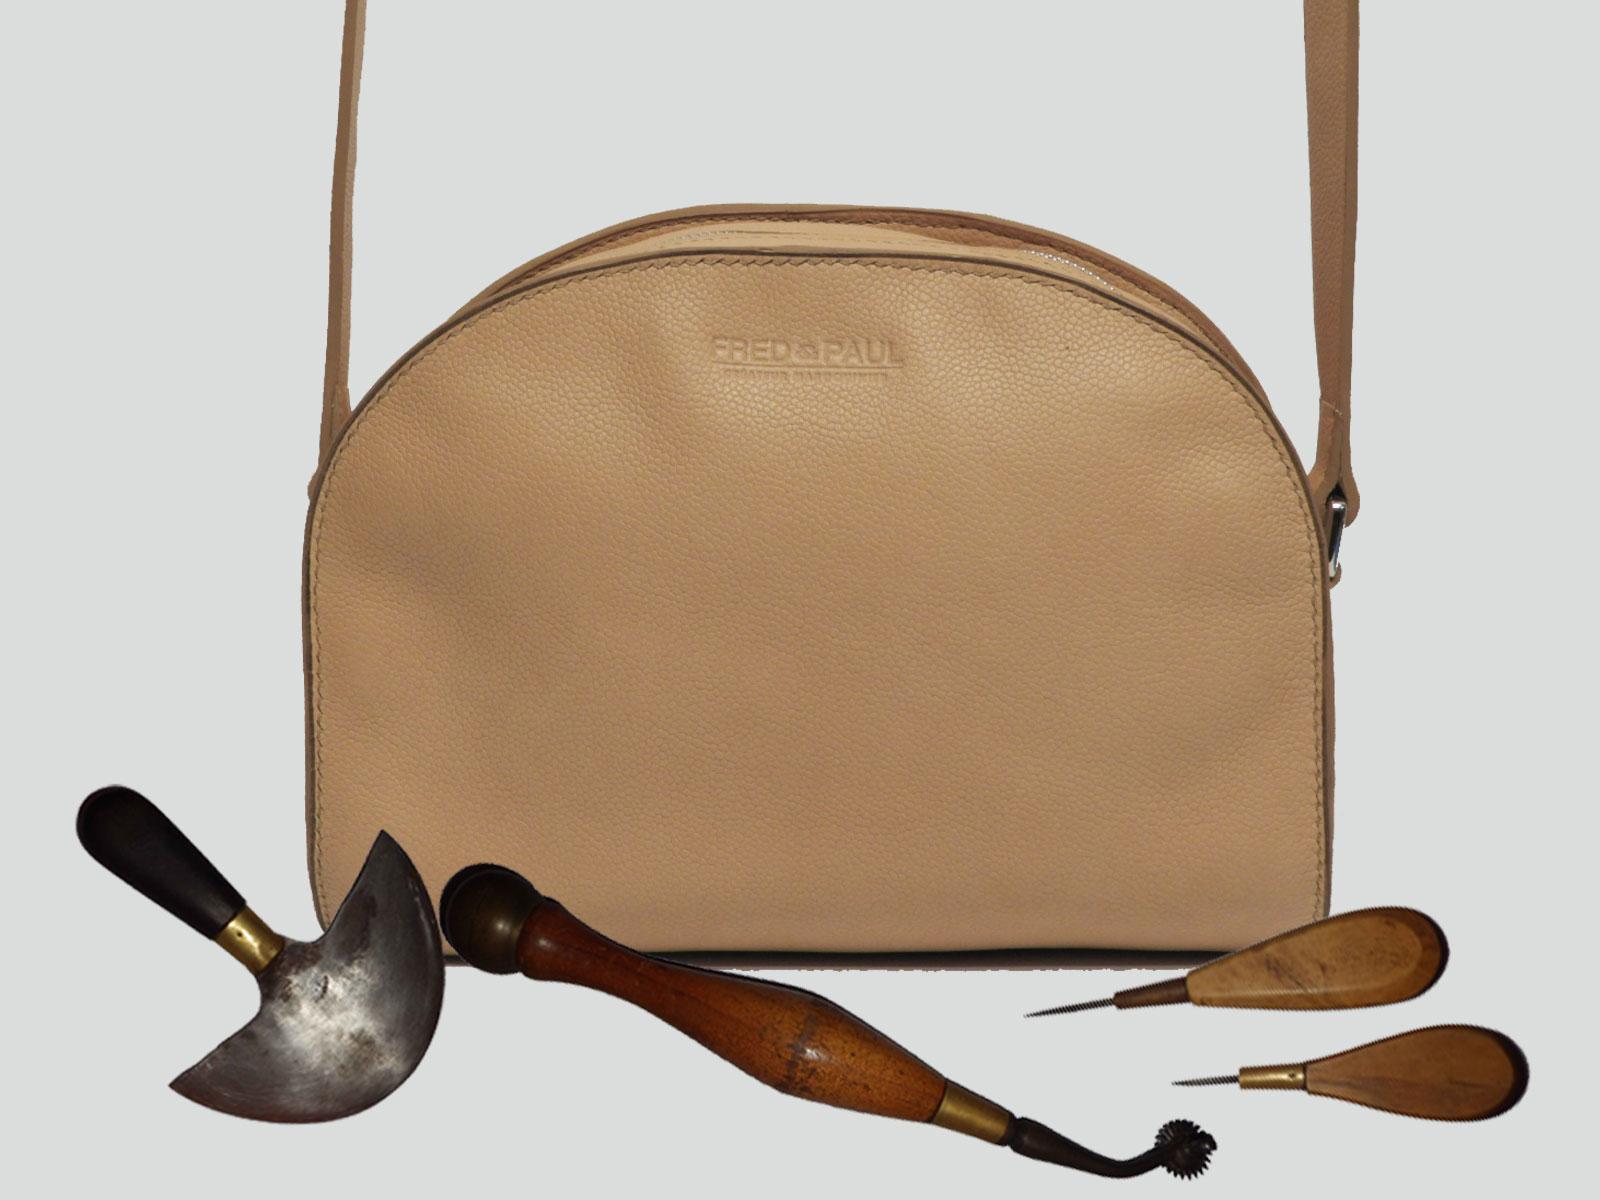 LABRADOR, sac porté croisé ou épaule en cuir de veau beige grainé caviar